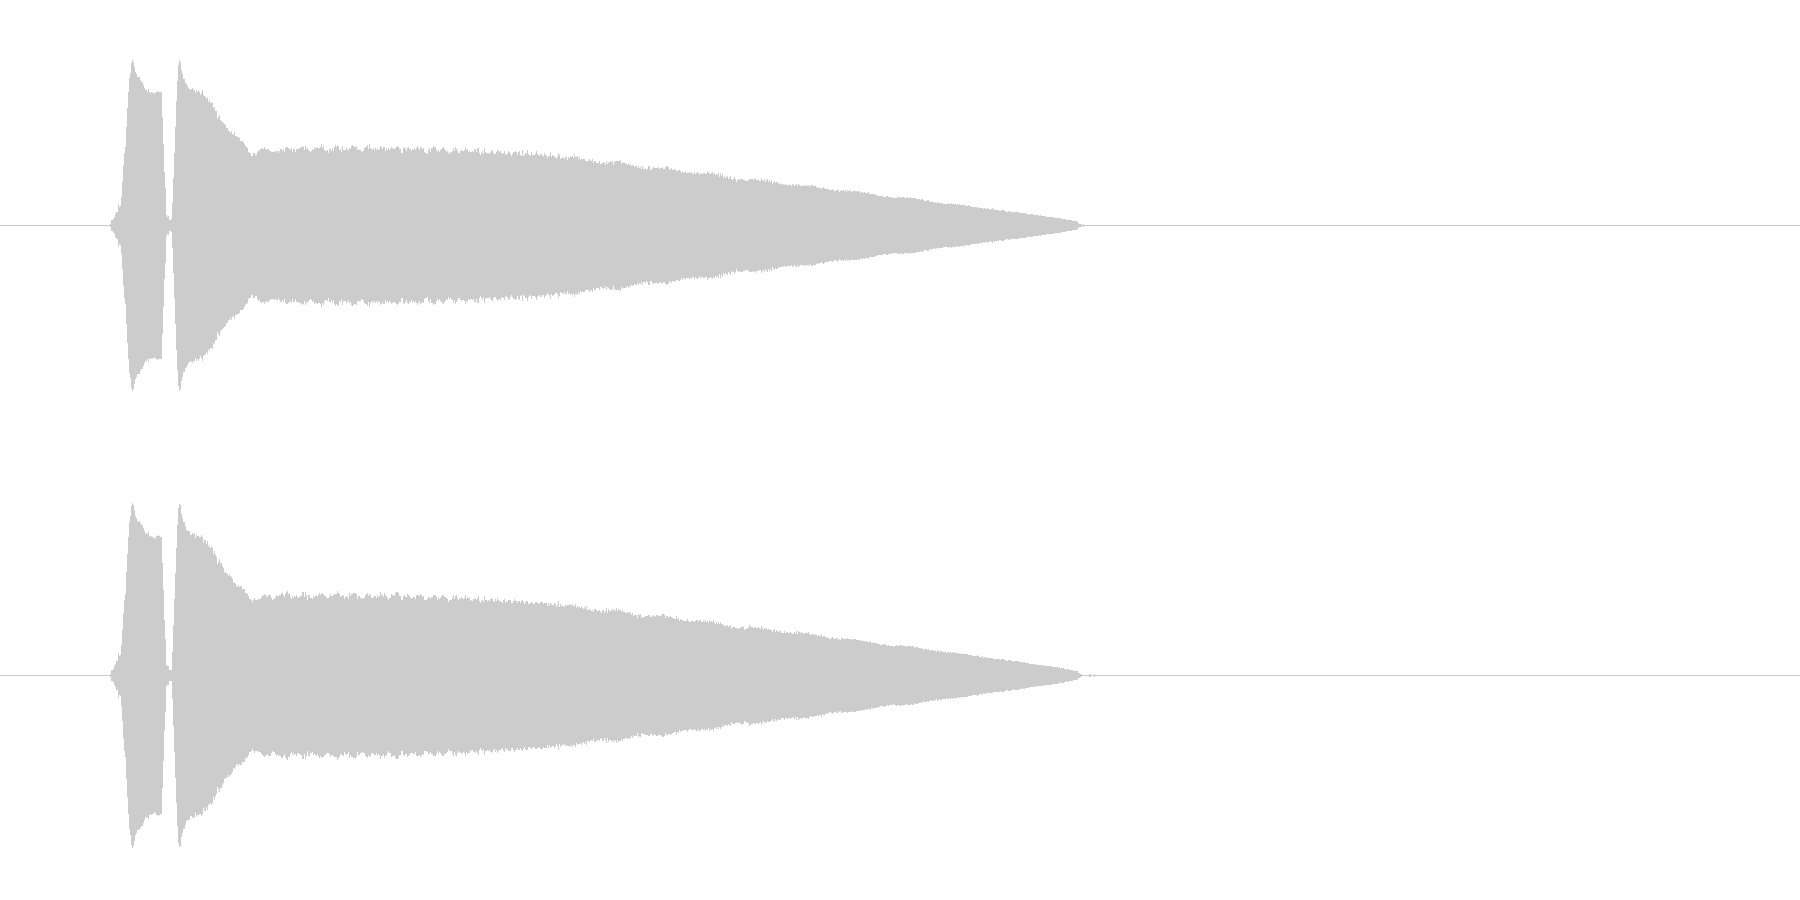 ピ、ピ、ピューという笛のような高音の未再生の波形